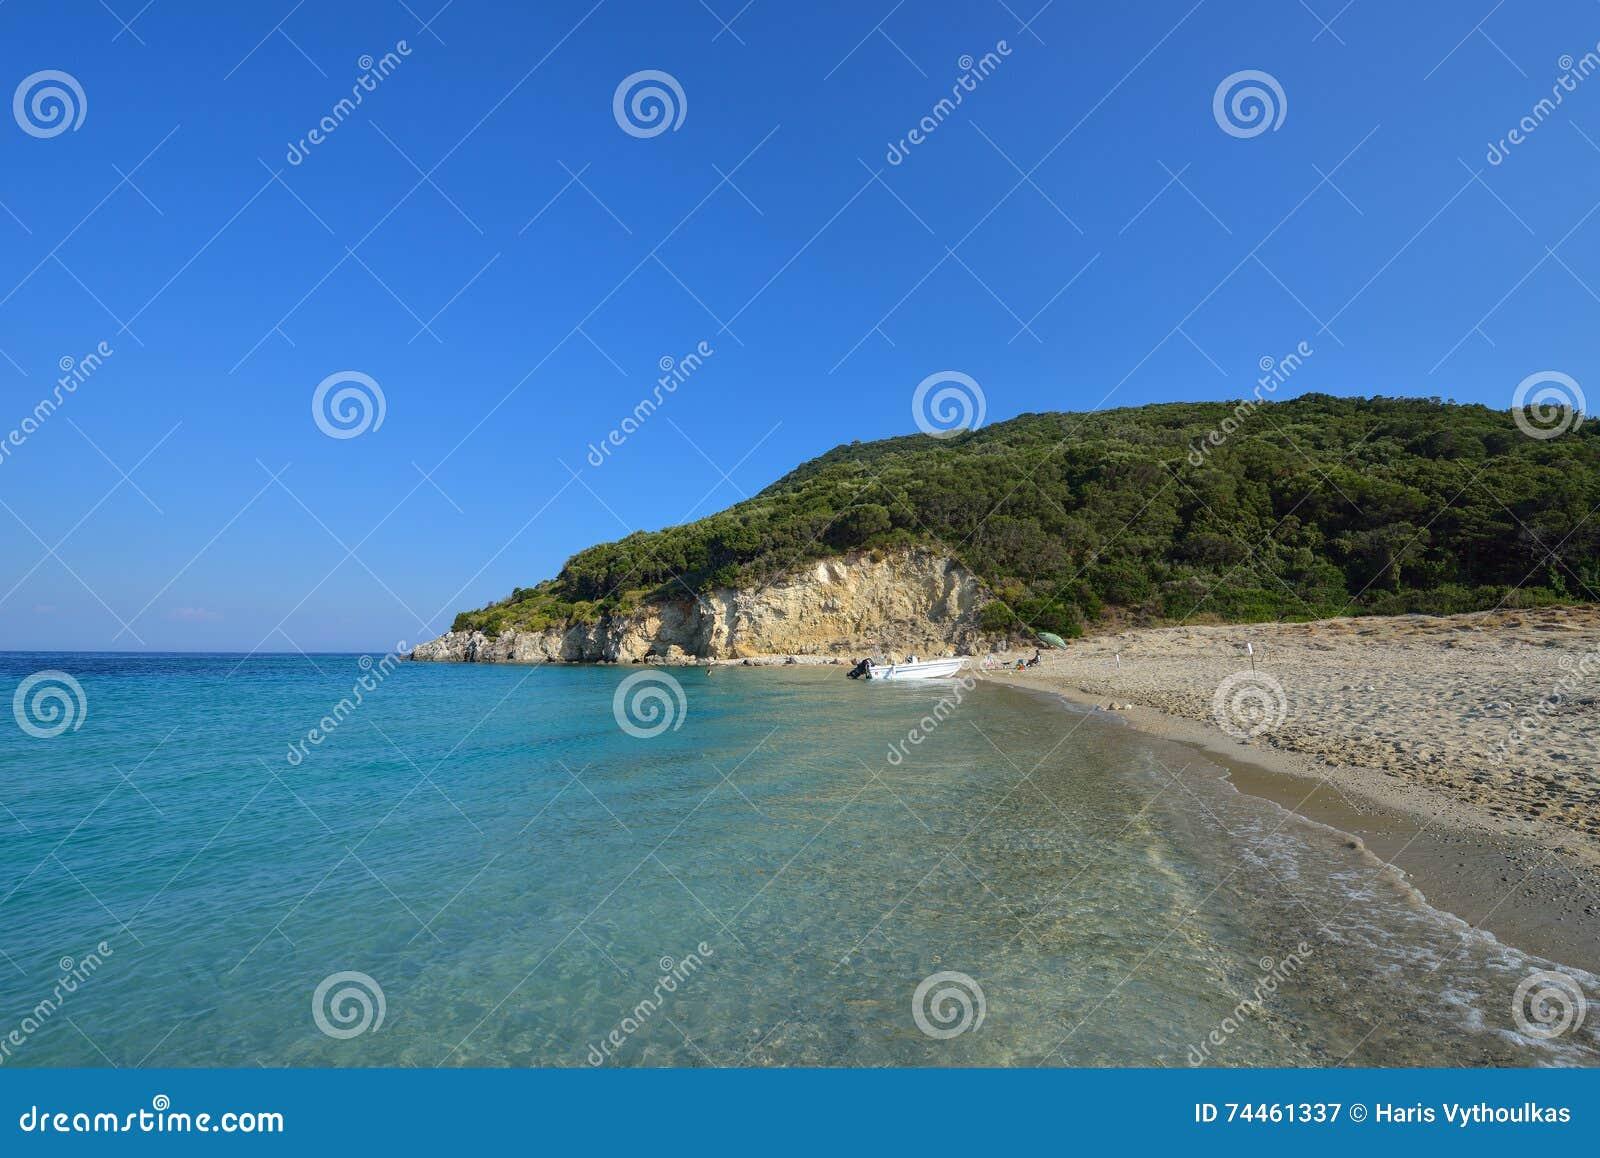 Marathonisi the turtle island , Zakynthos